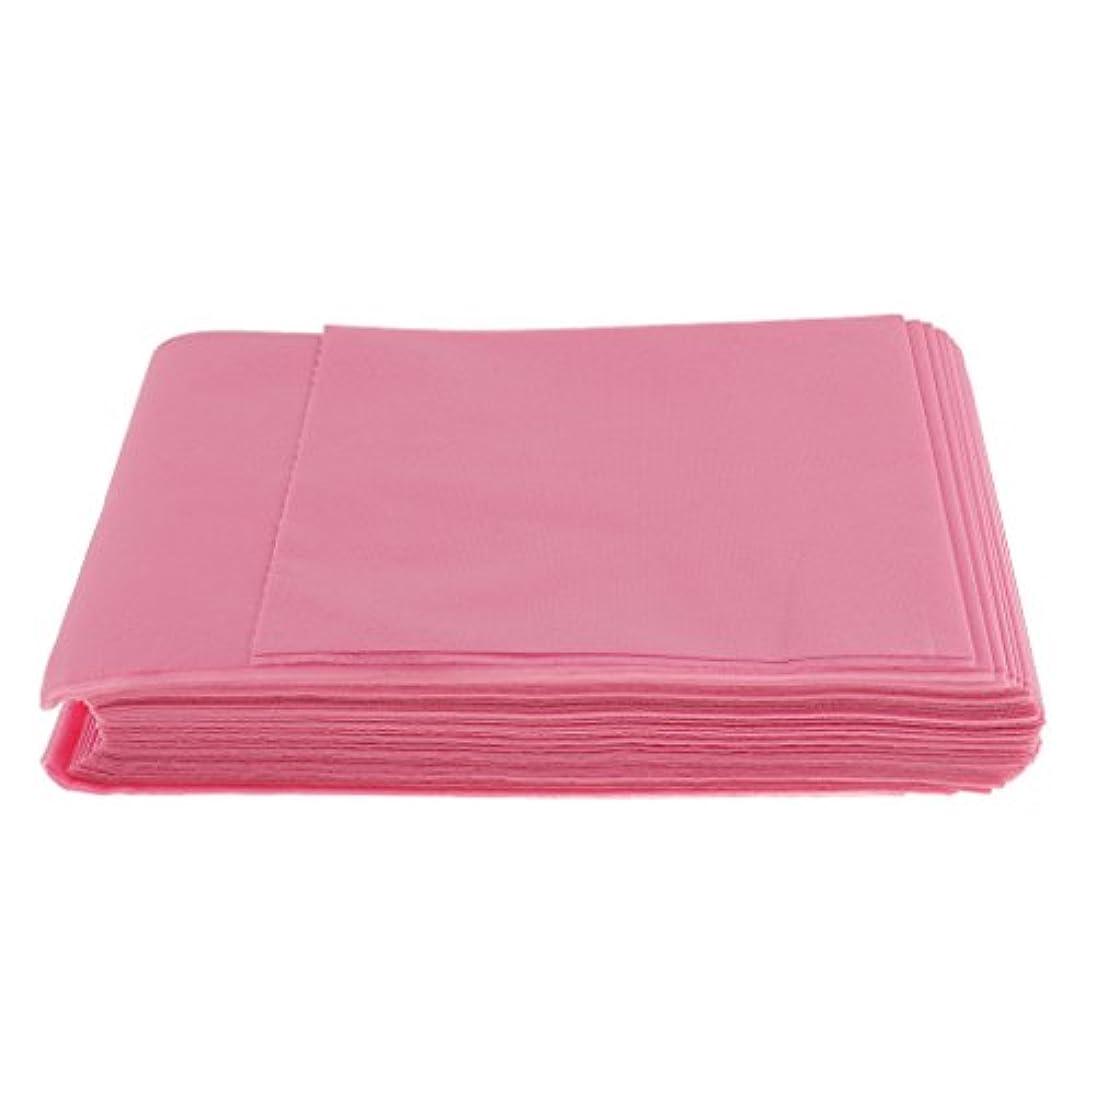 なめらかな全部服を洗う10枚入り 使い捨て 美容室/マッサージ/サロン/ホテル ベッドパッド 無織PP 衛生シート 全3色選べ - ピンク